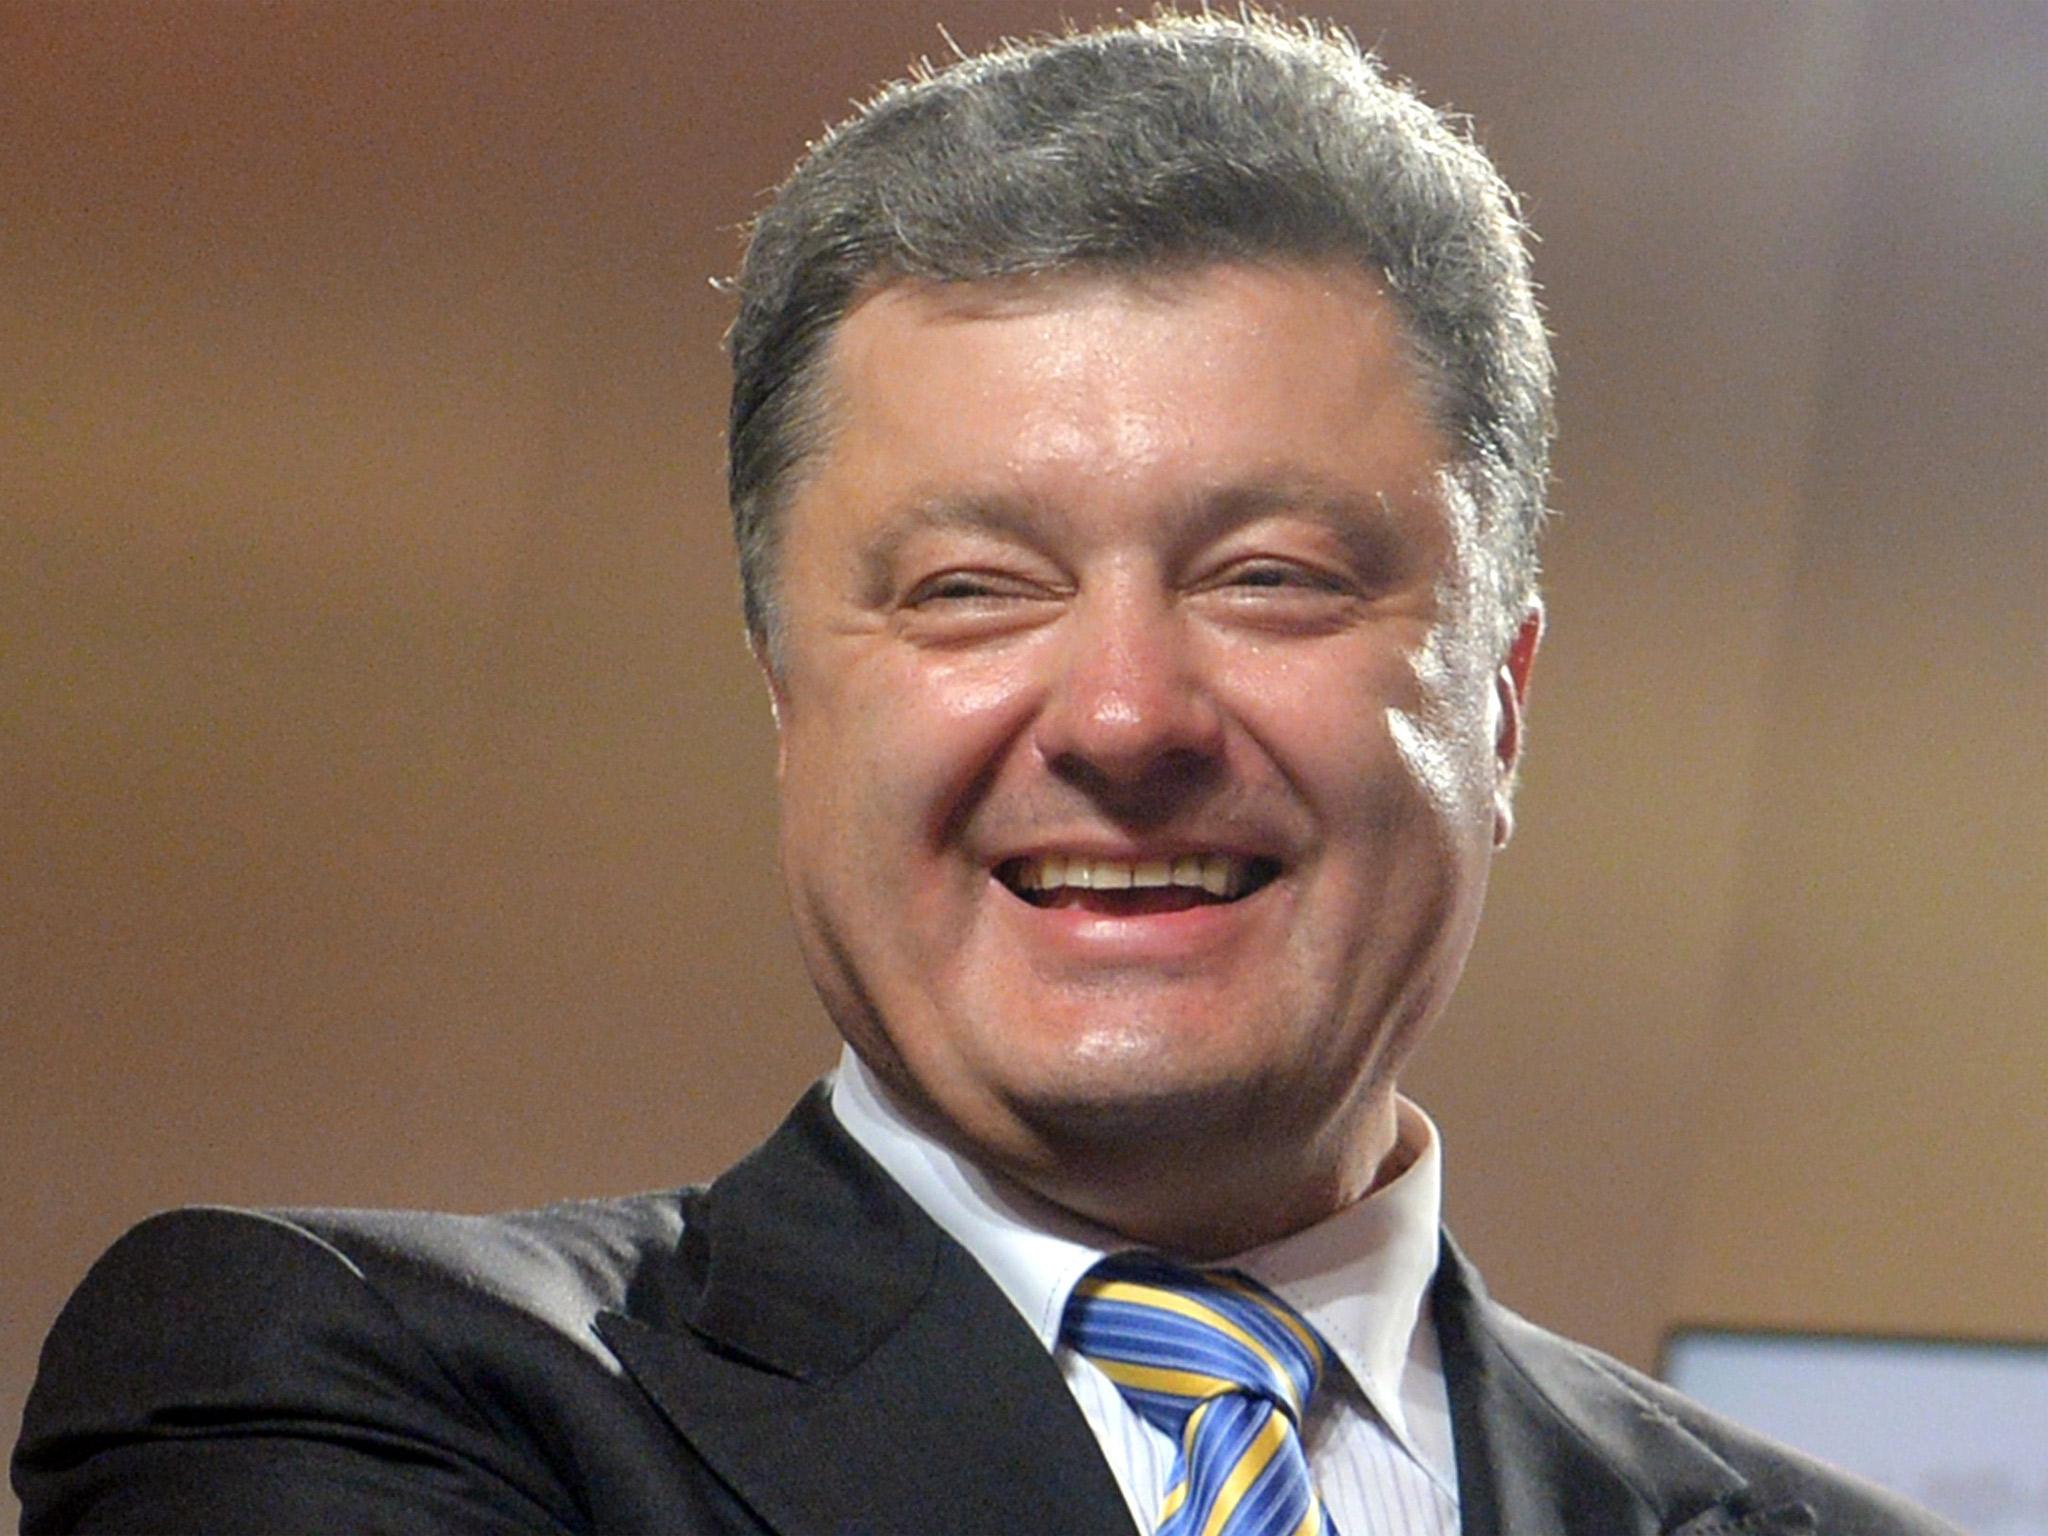 Подорожает почти на 50%: украинцев «обрадовали» новыми тарифами на коммуналку (опубликовано цифры)